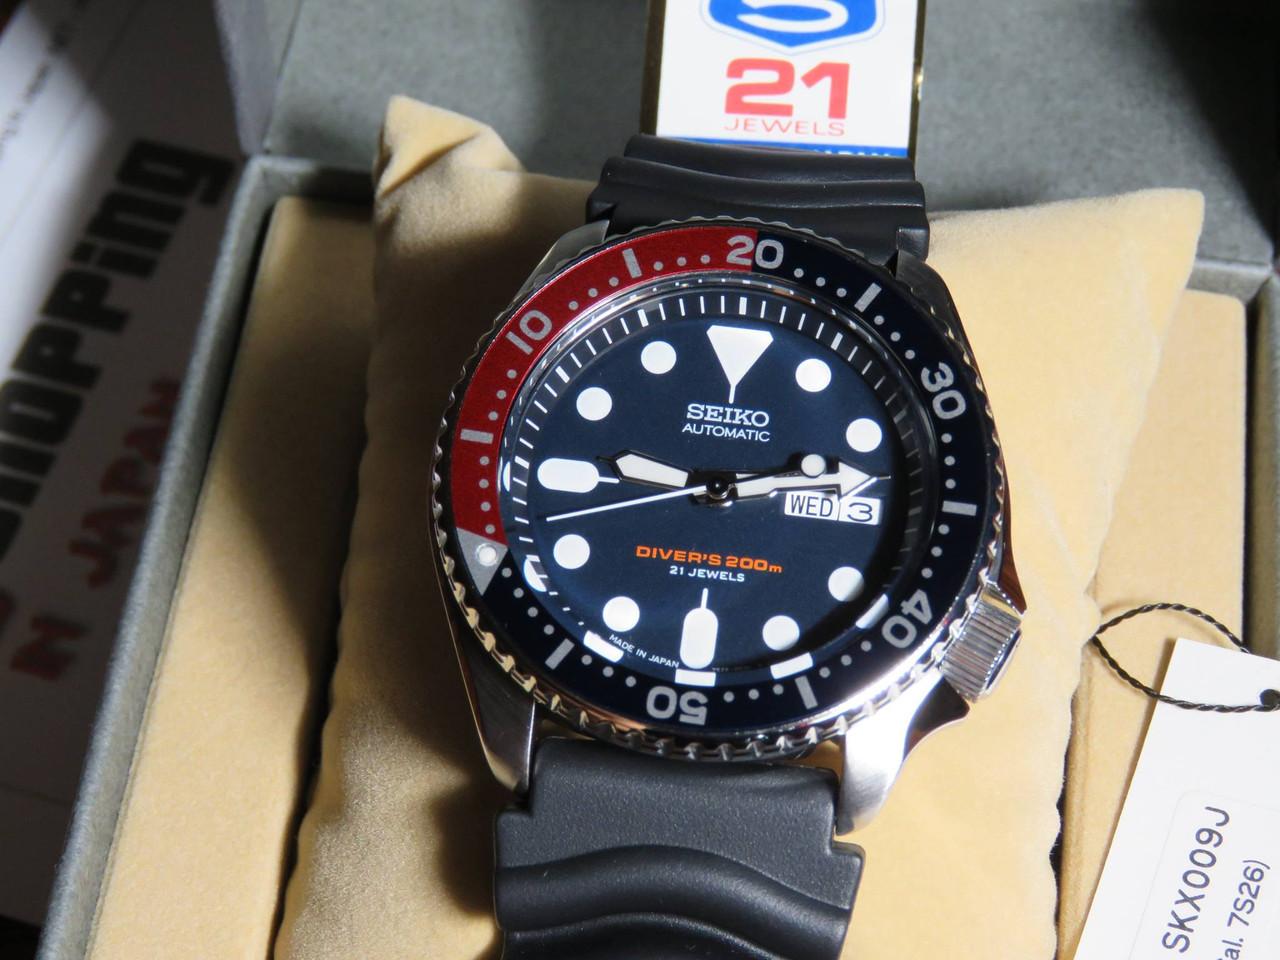 Seiko Diver's SKX009J1 Made In Japan Version